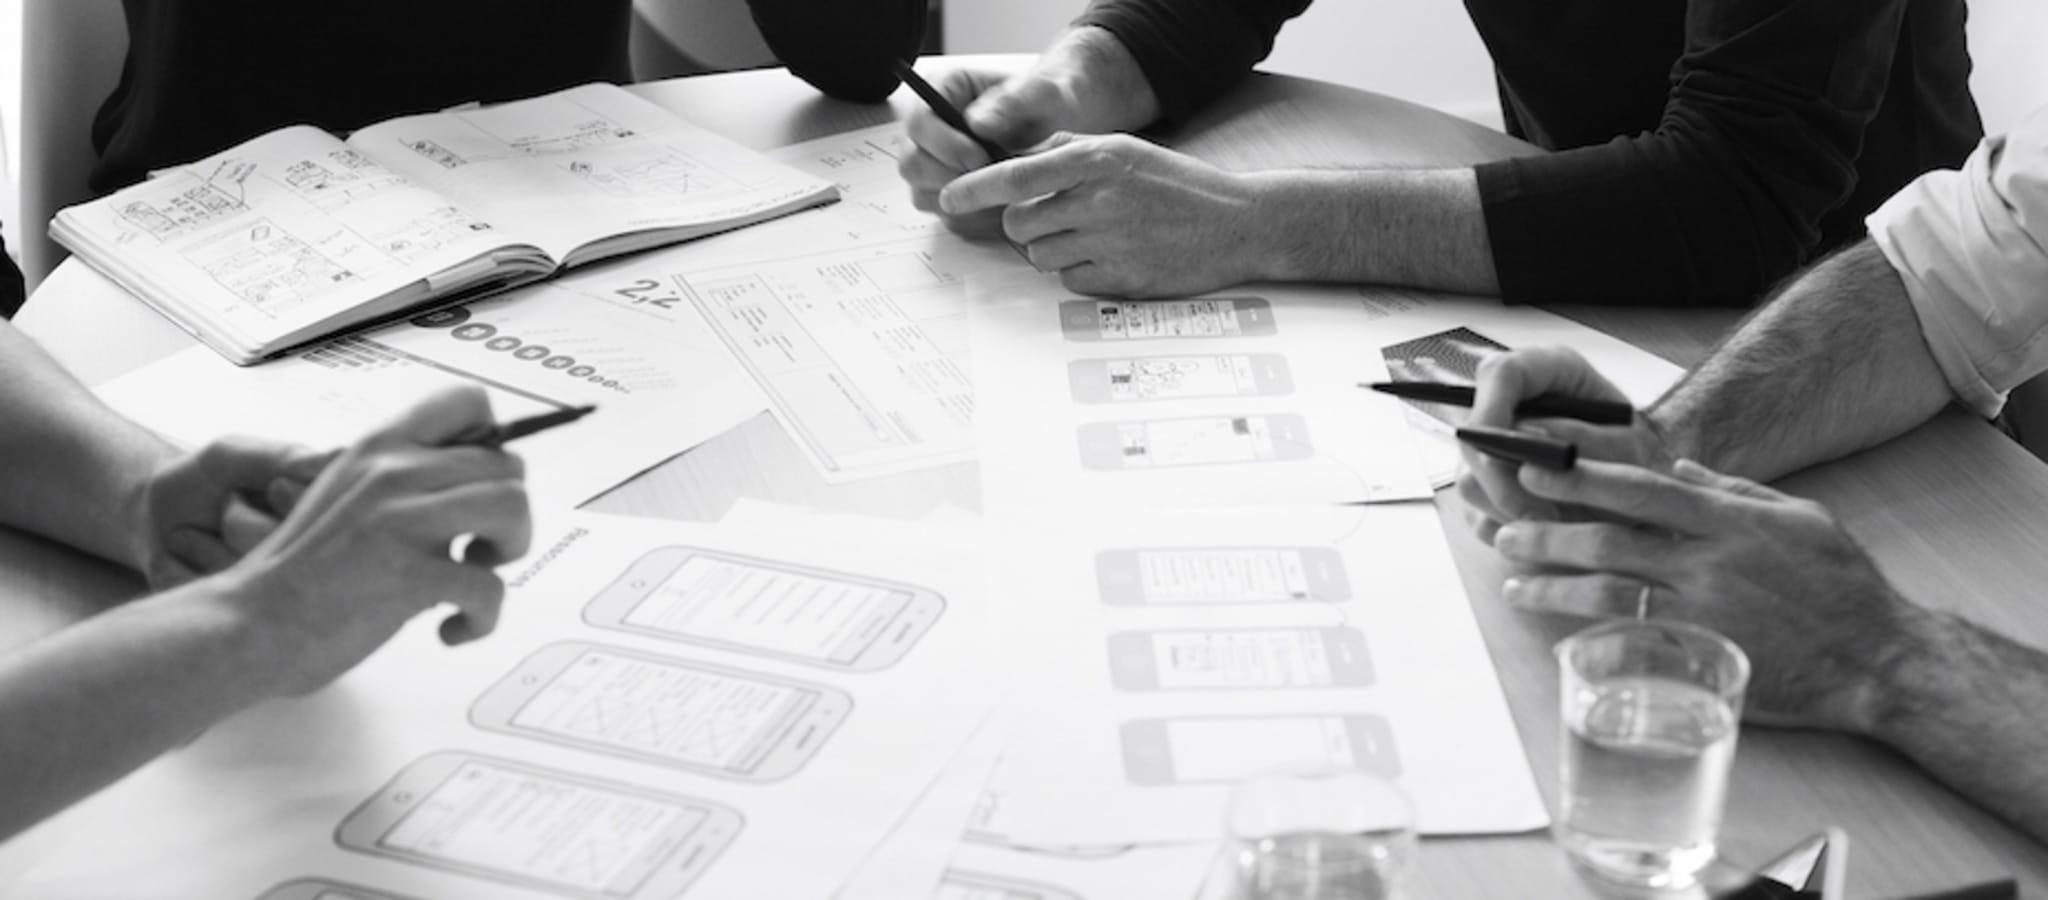 Avant d'initier le projet, un atelier est organisé pour sensibiliser les acteurs du projet au design de services construit à l'image du déroulement pressenti du projet : chacune des étapes sera expliquée et fera l'objet d'une mise en application